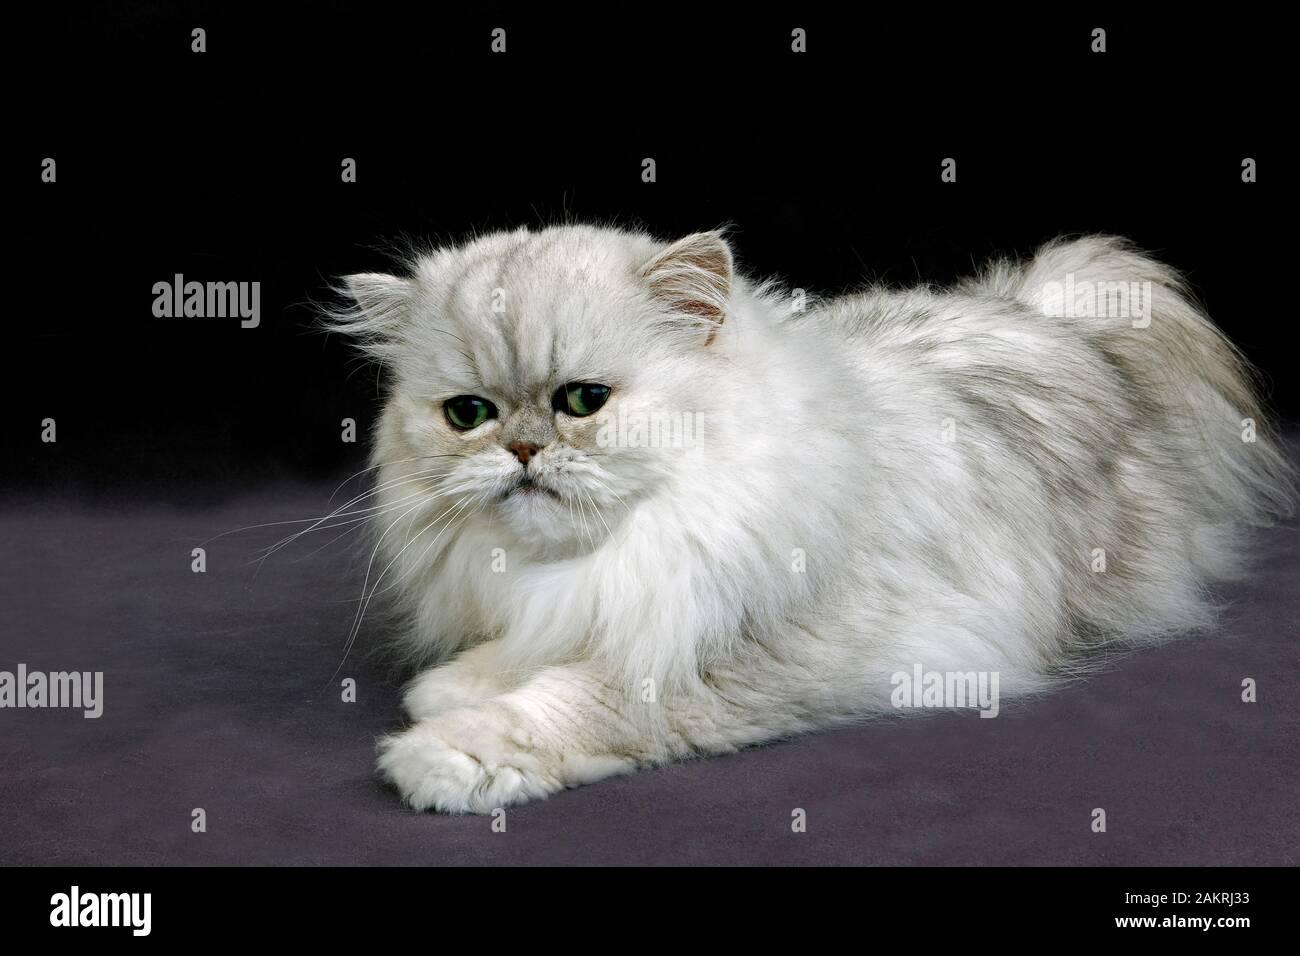 Persische Katze Der Silbernen Chinchilla Stockfotos Und Bilder Kaufen Alamy